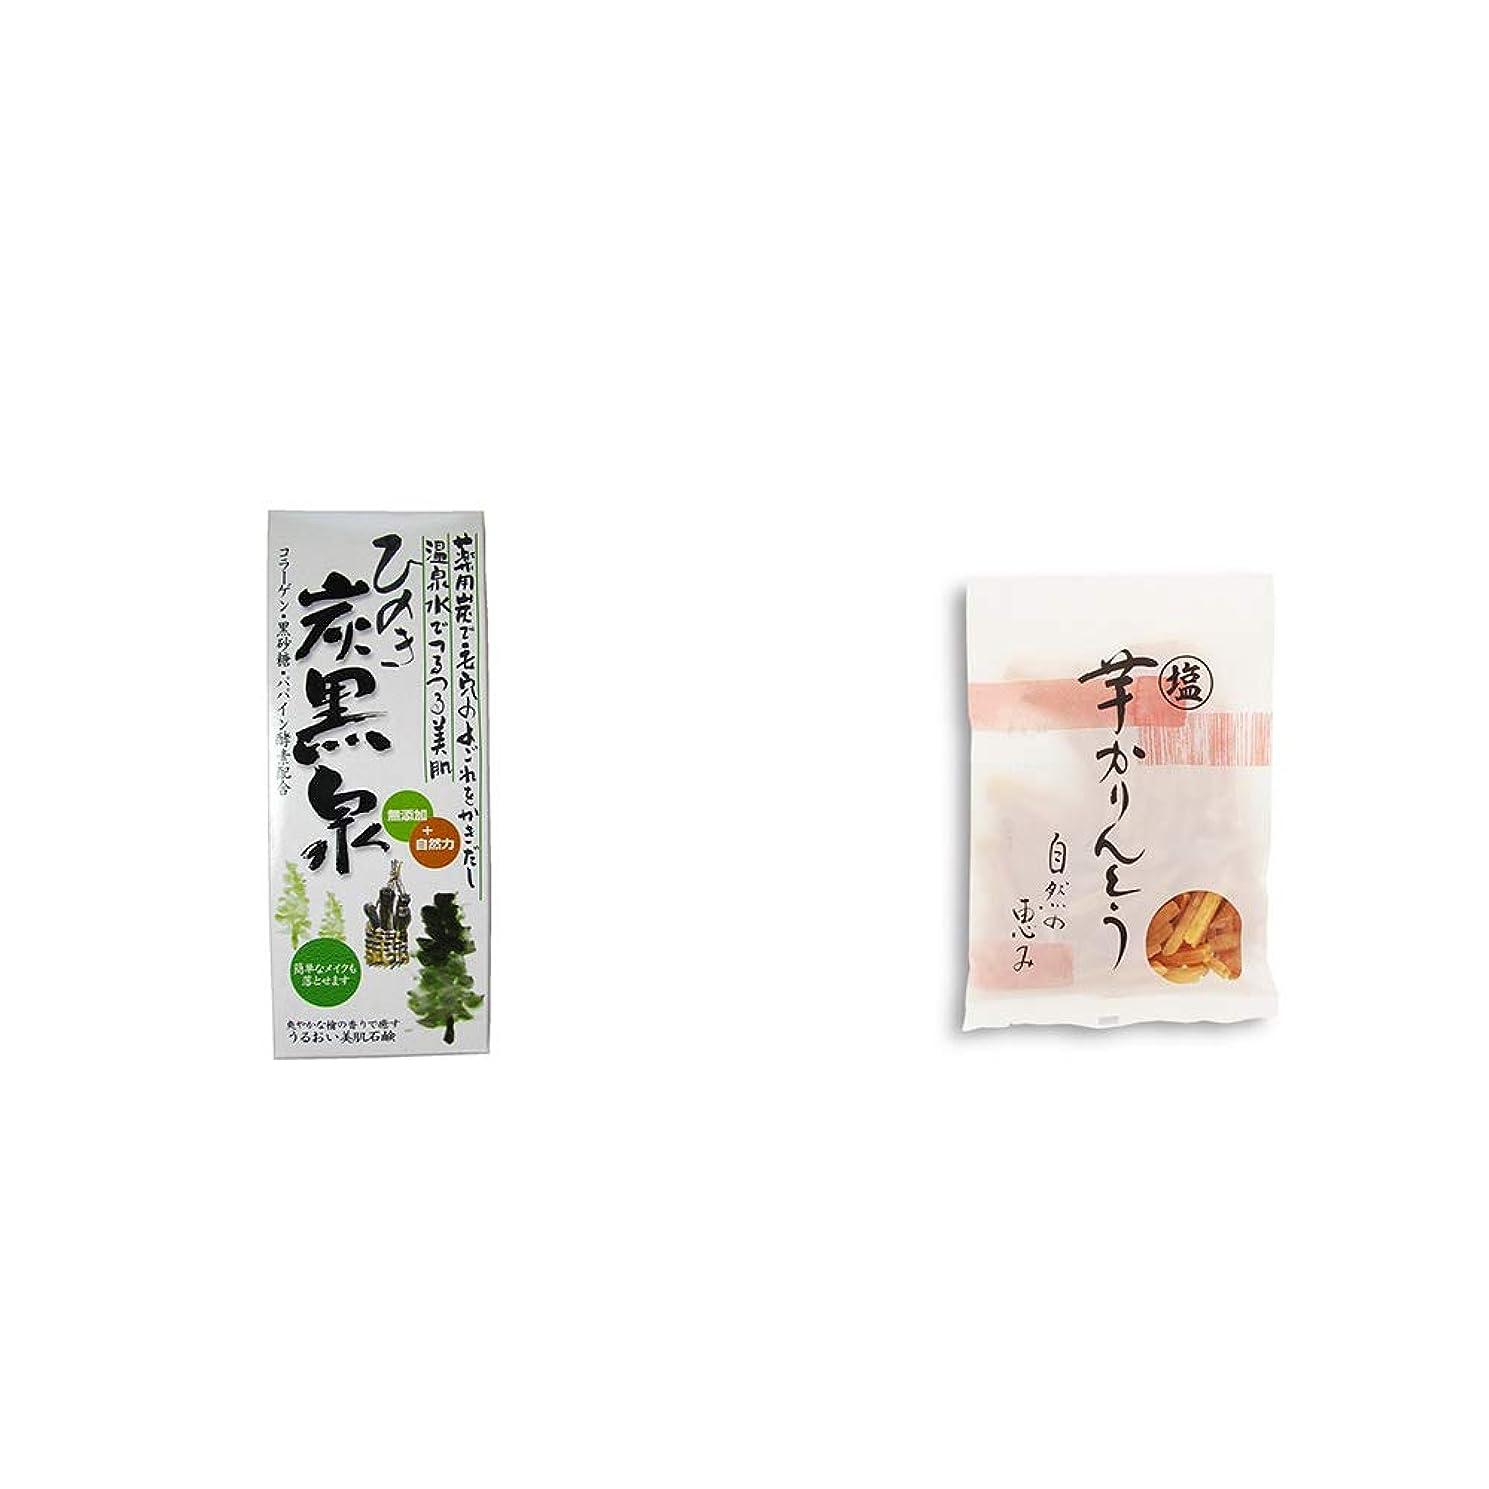 格納自然囲い[2点セット] ひのき炭黒泉 箱入り(75g×3)?塩芋かりんとう(150g)